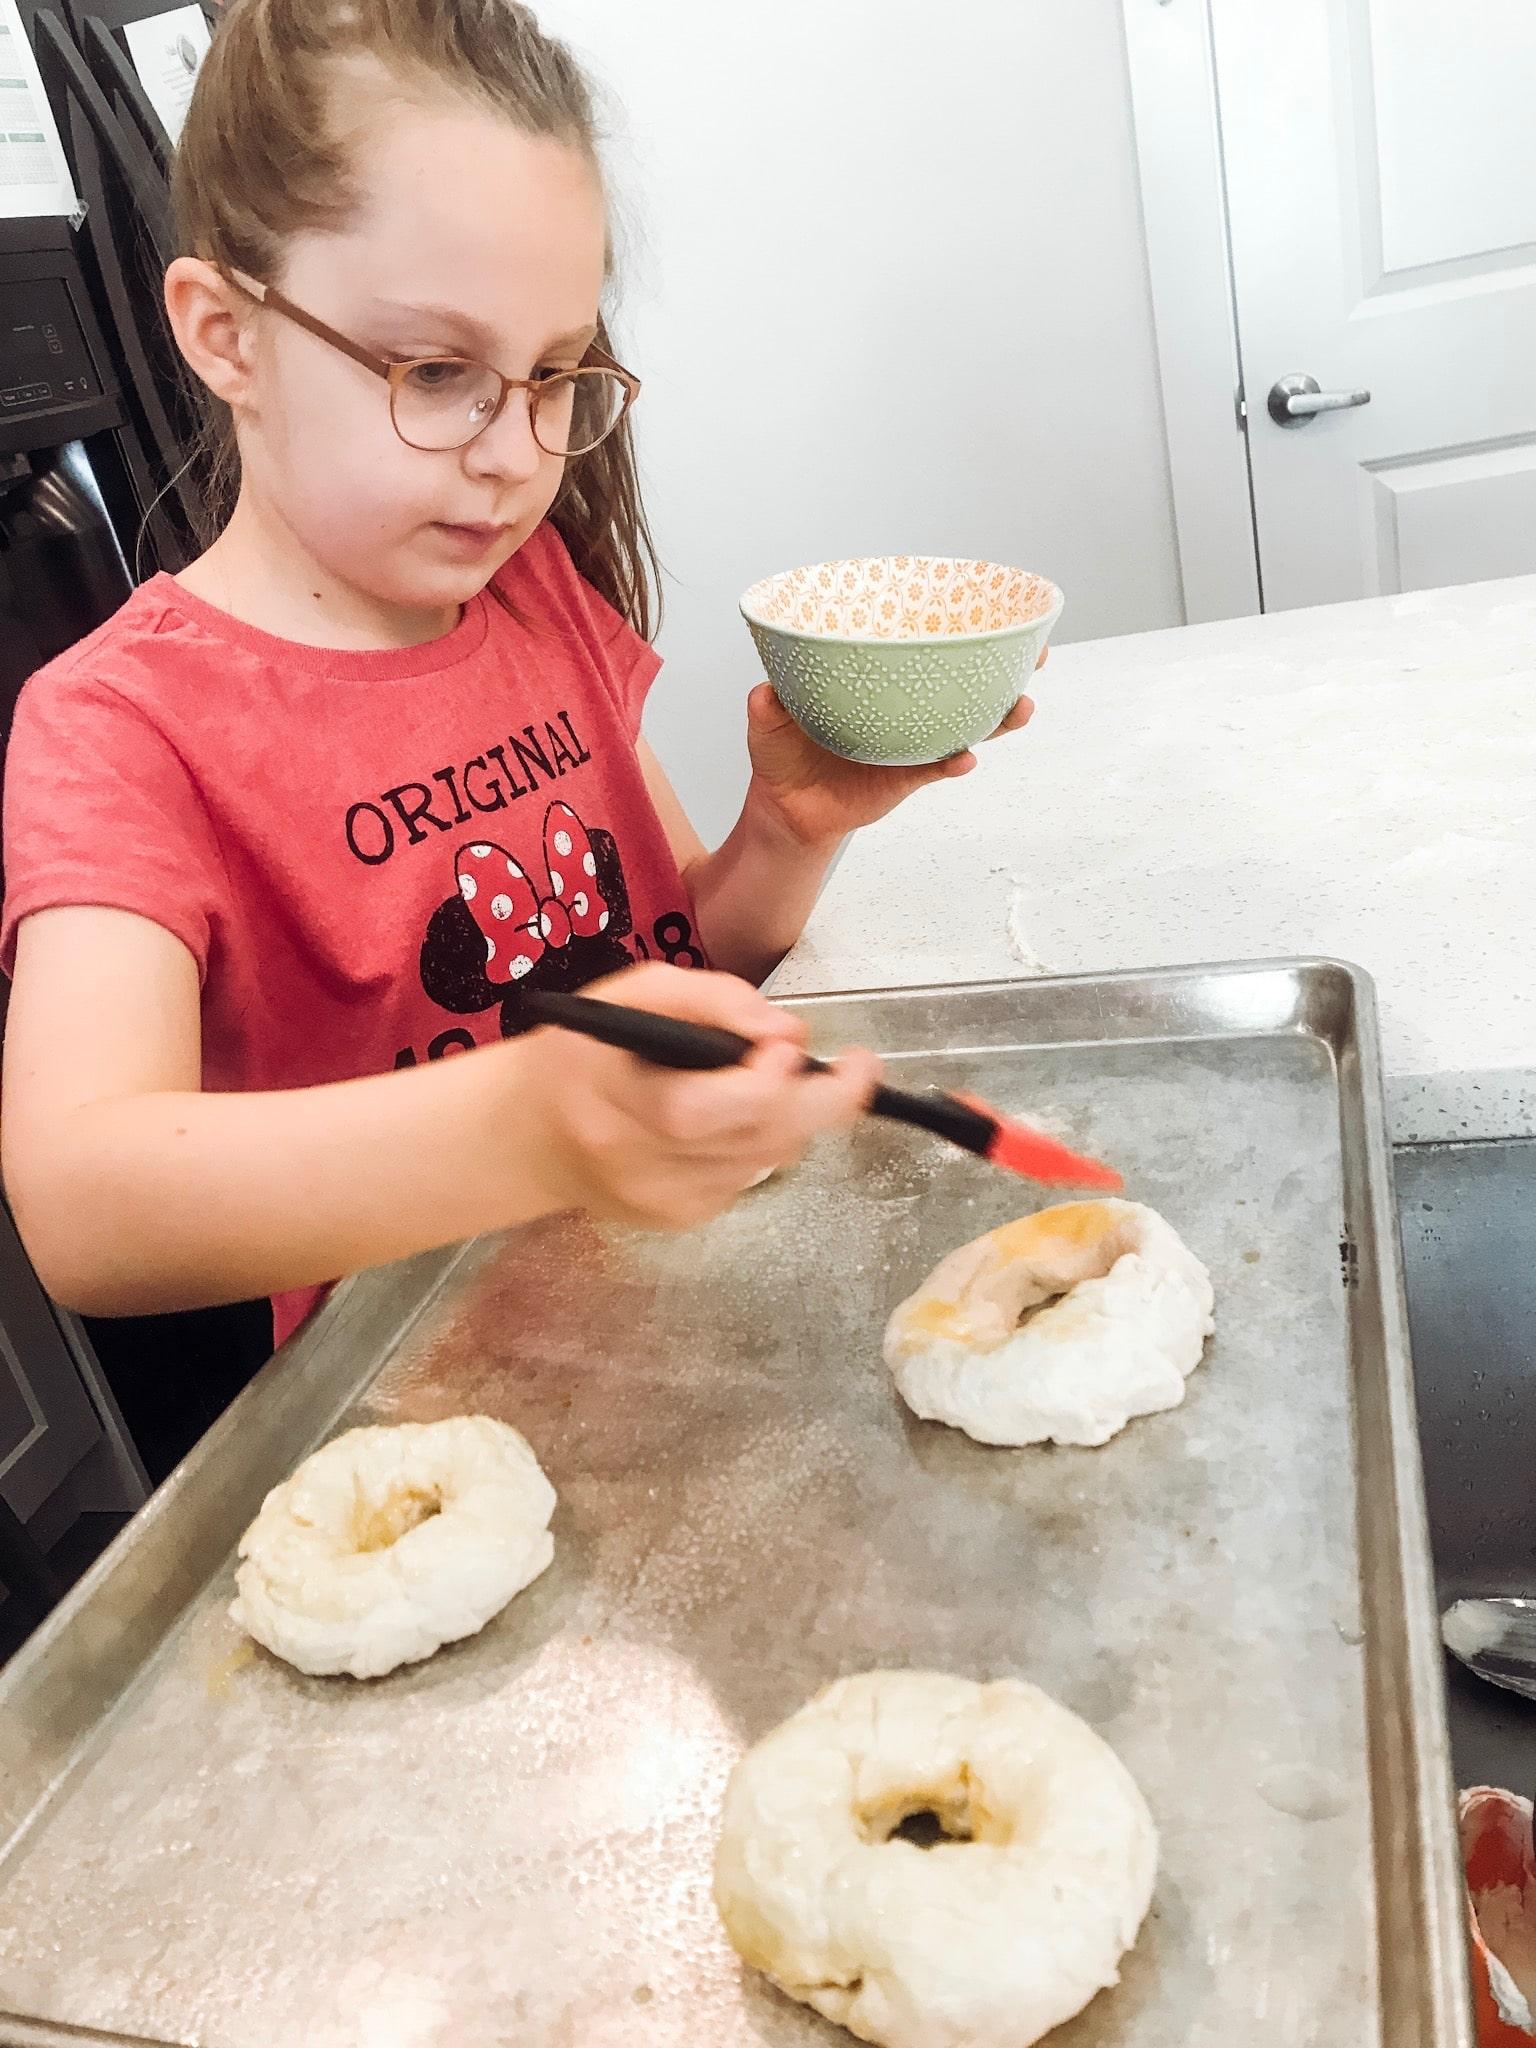 little girl brushing egg on bagels